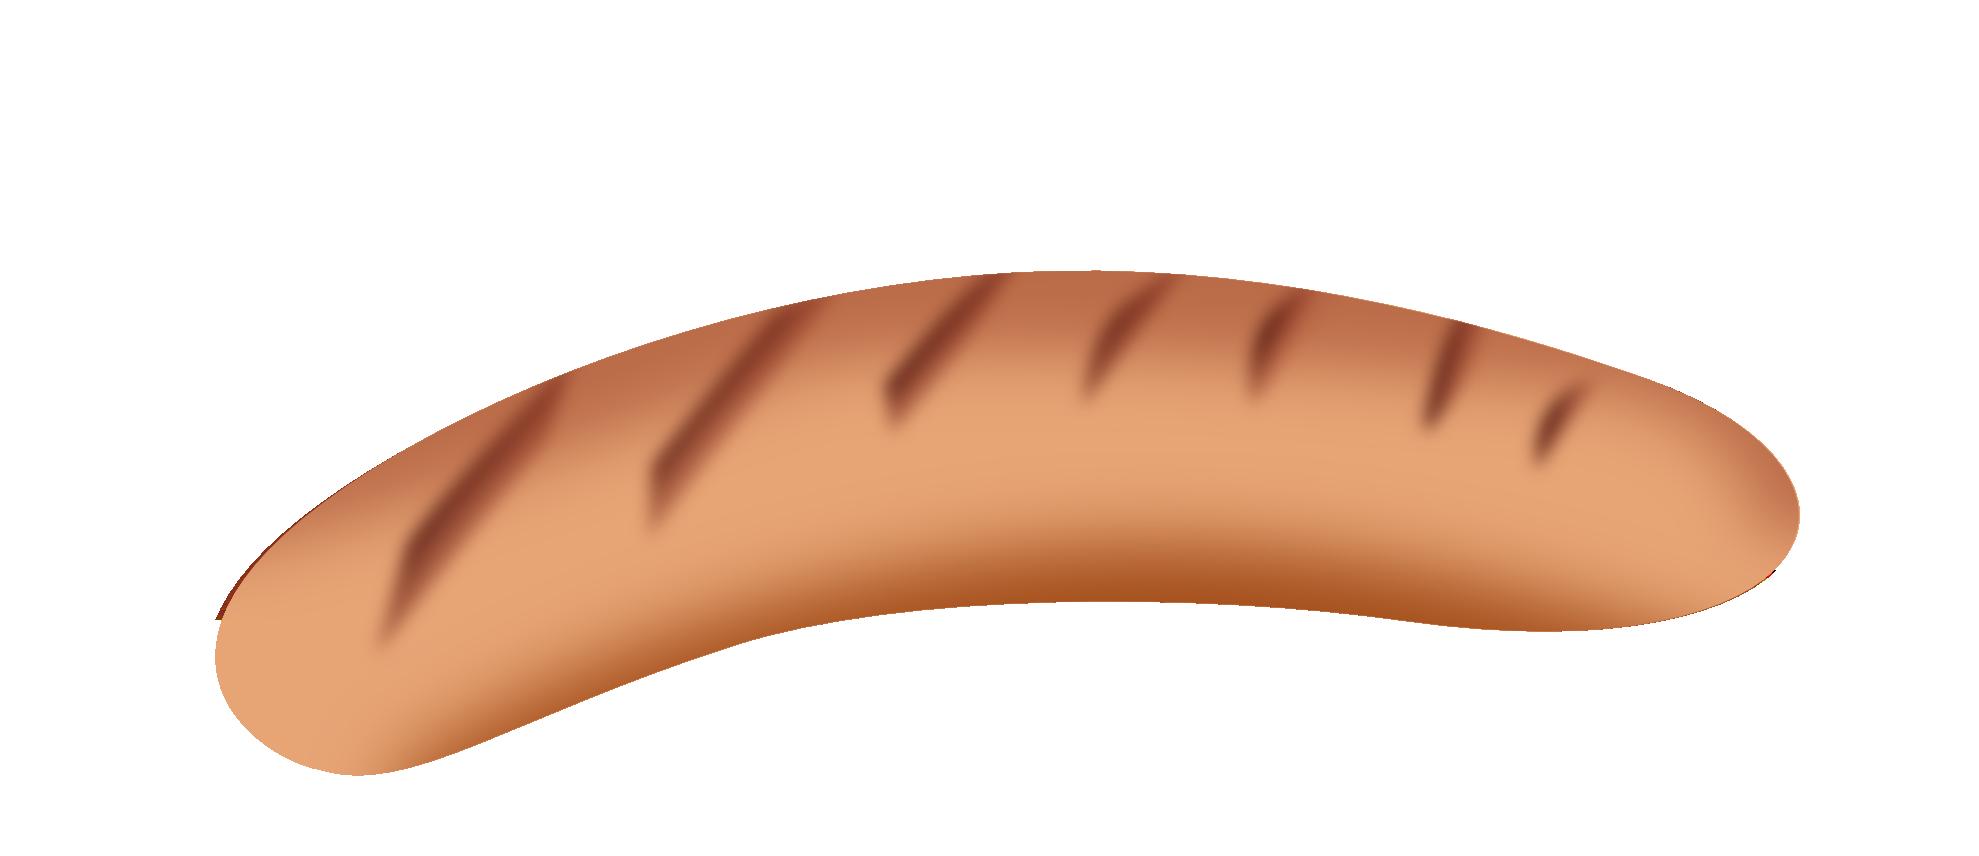 dog sausage PNG image.